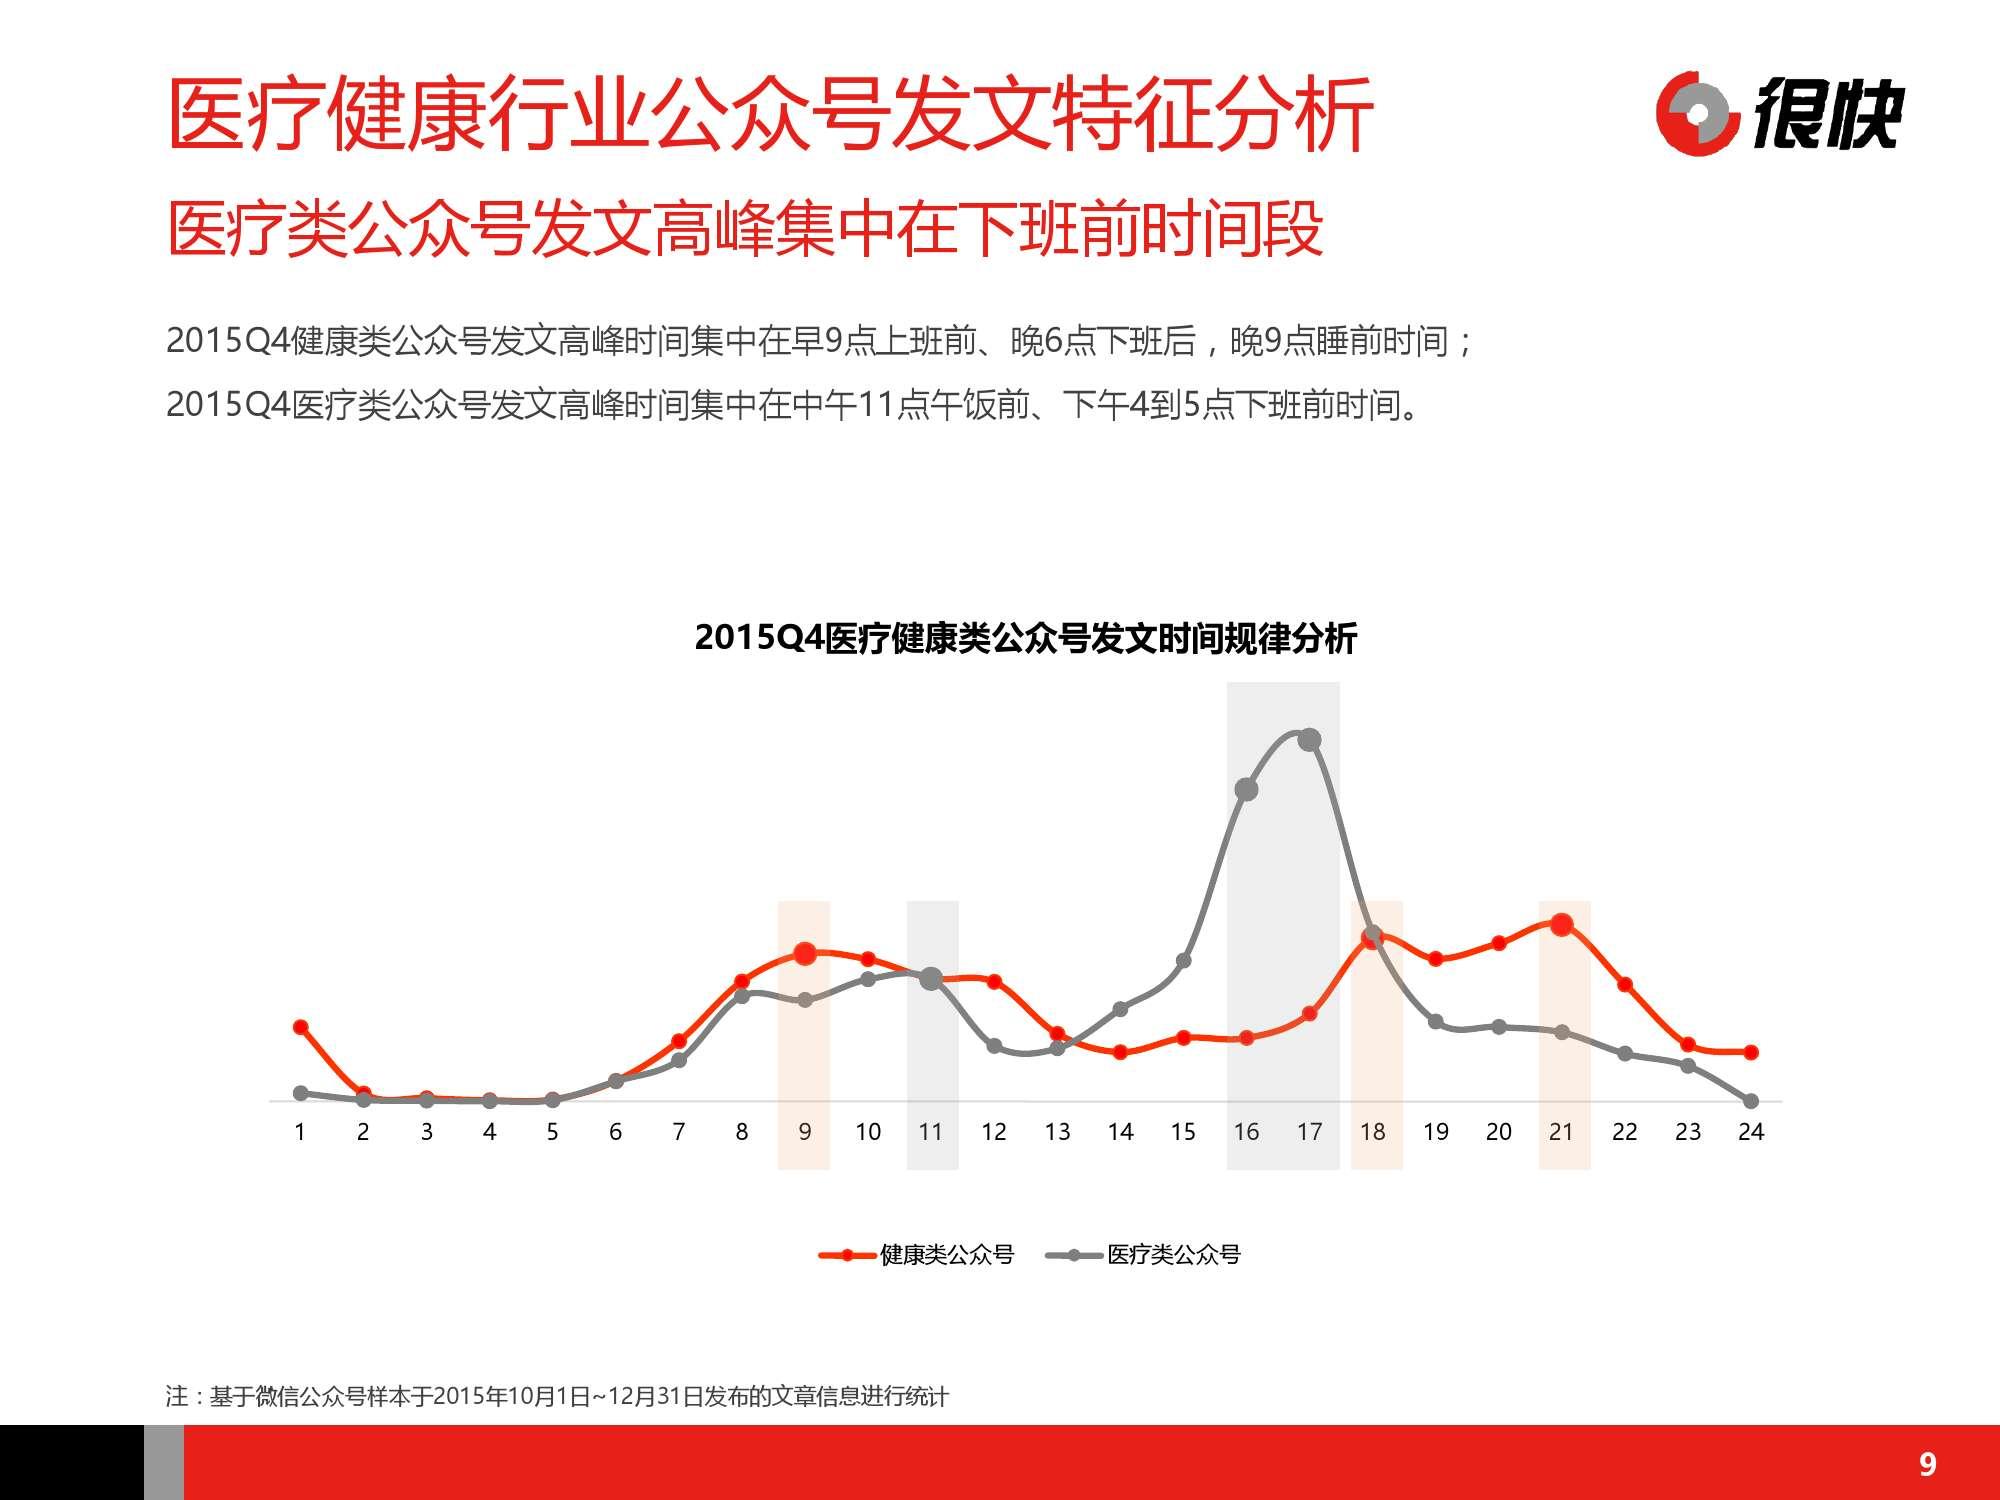 Henkuai-中国医疗健康行业公众号数据洞察报告-20160115_000009